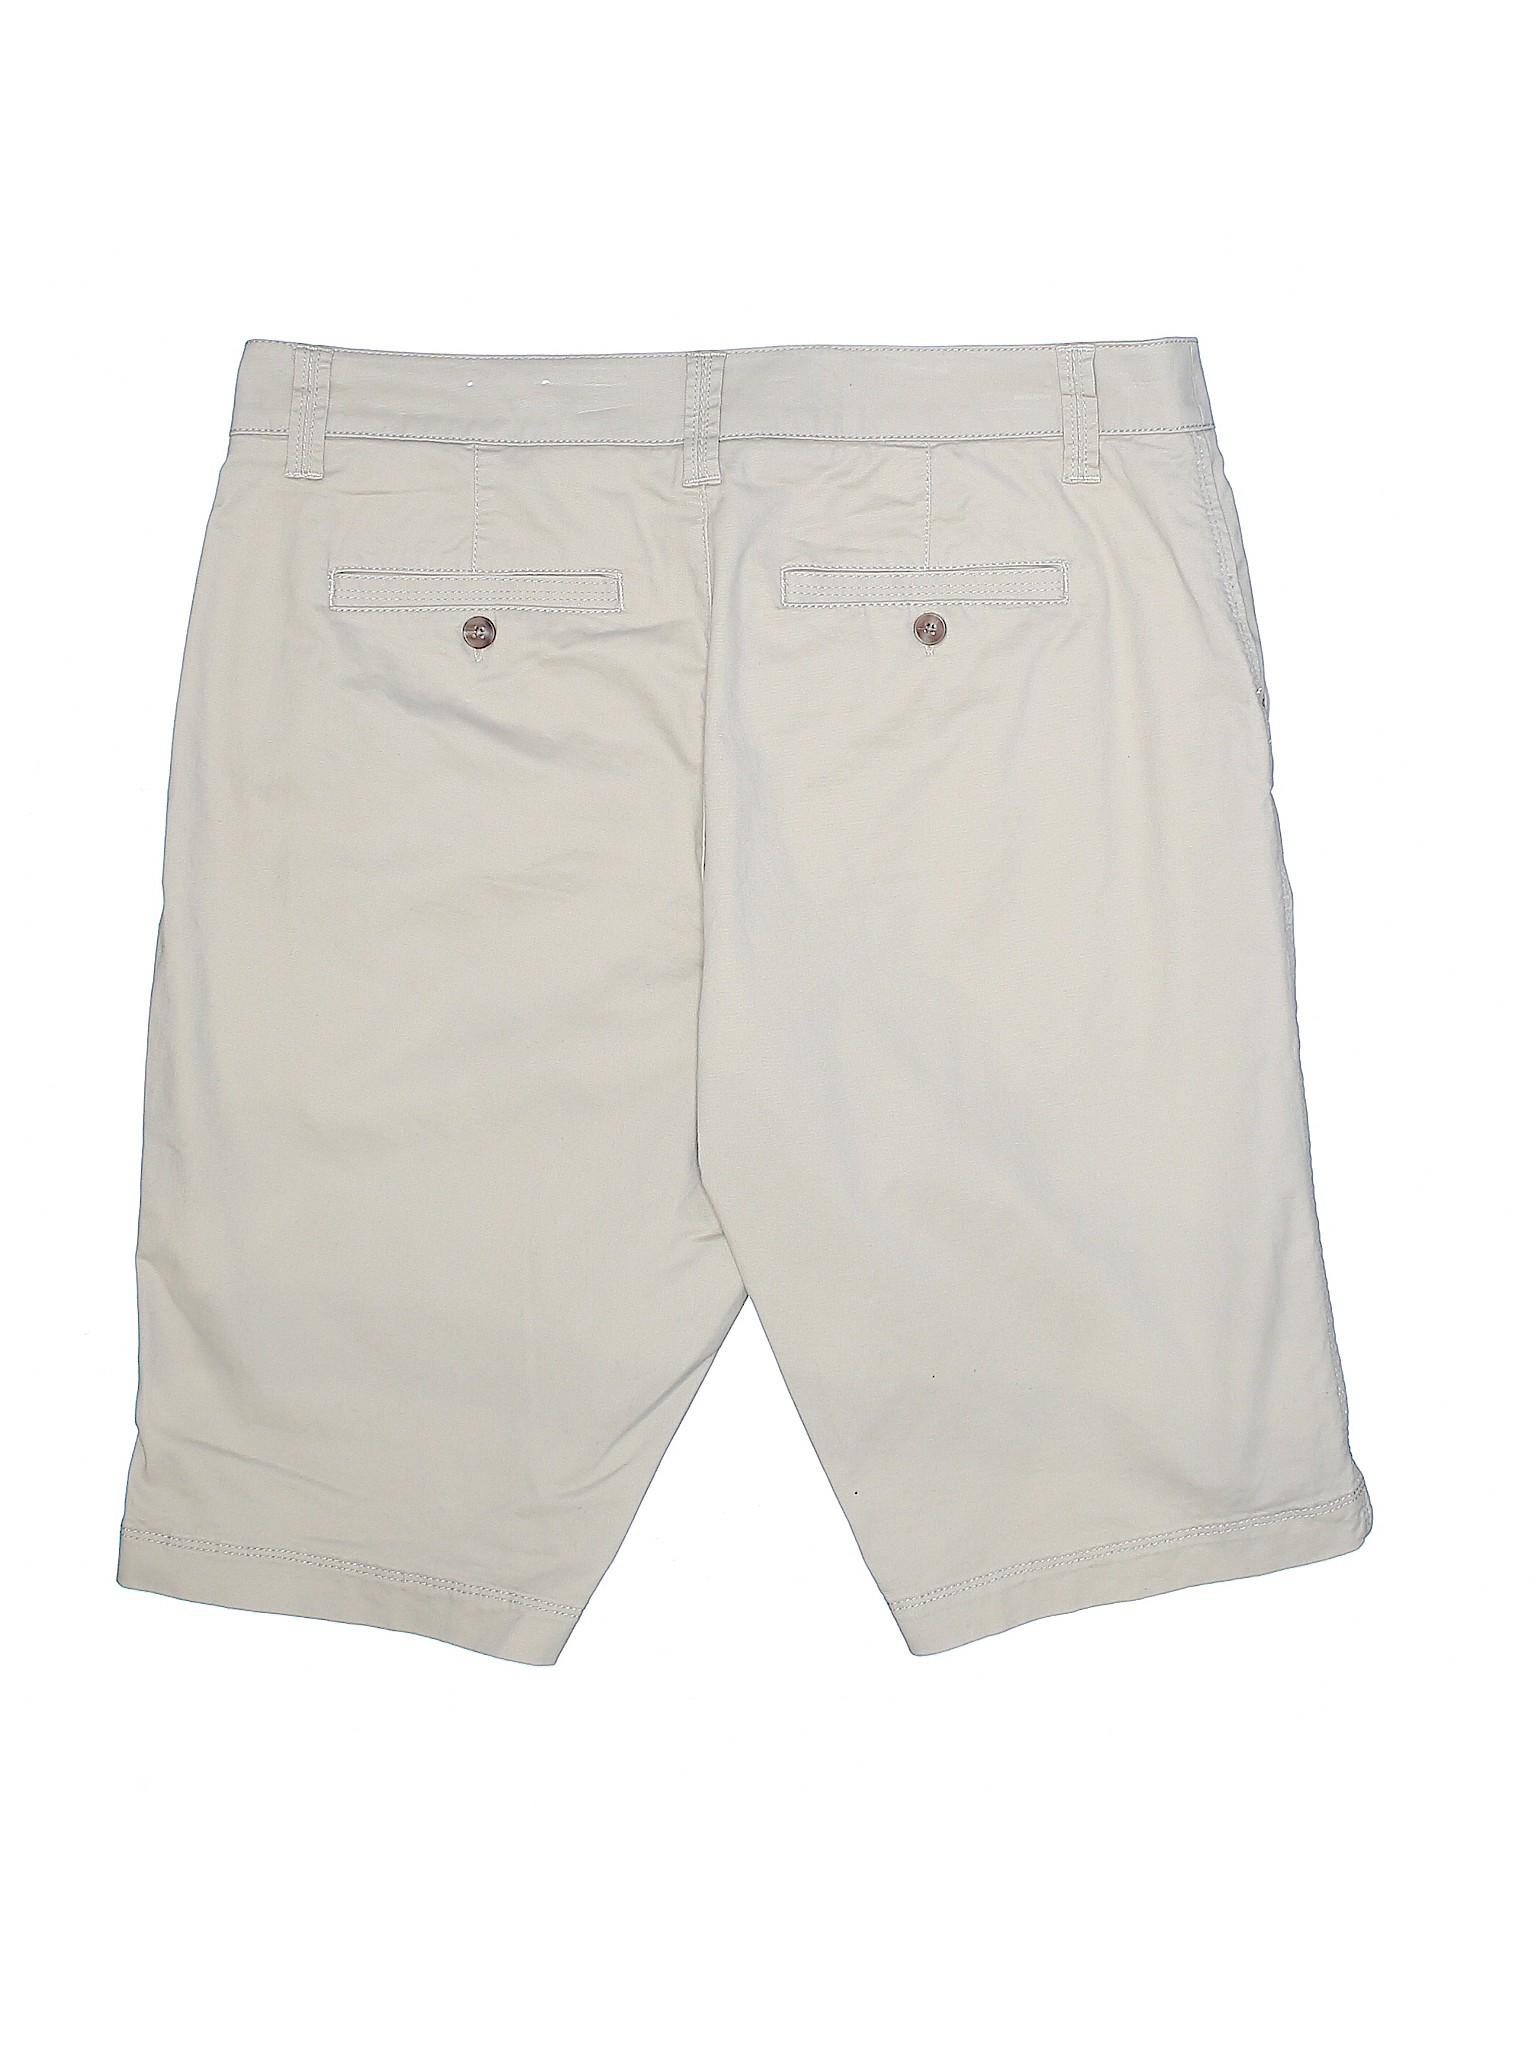 life Boutique Shorts Khaki leisure SONOMA style FqxxO0wCnE